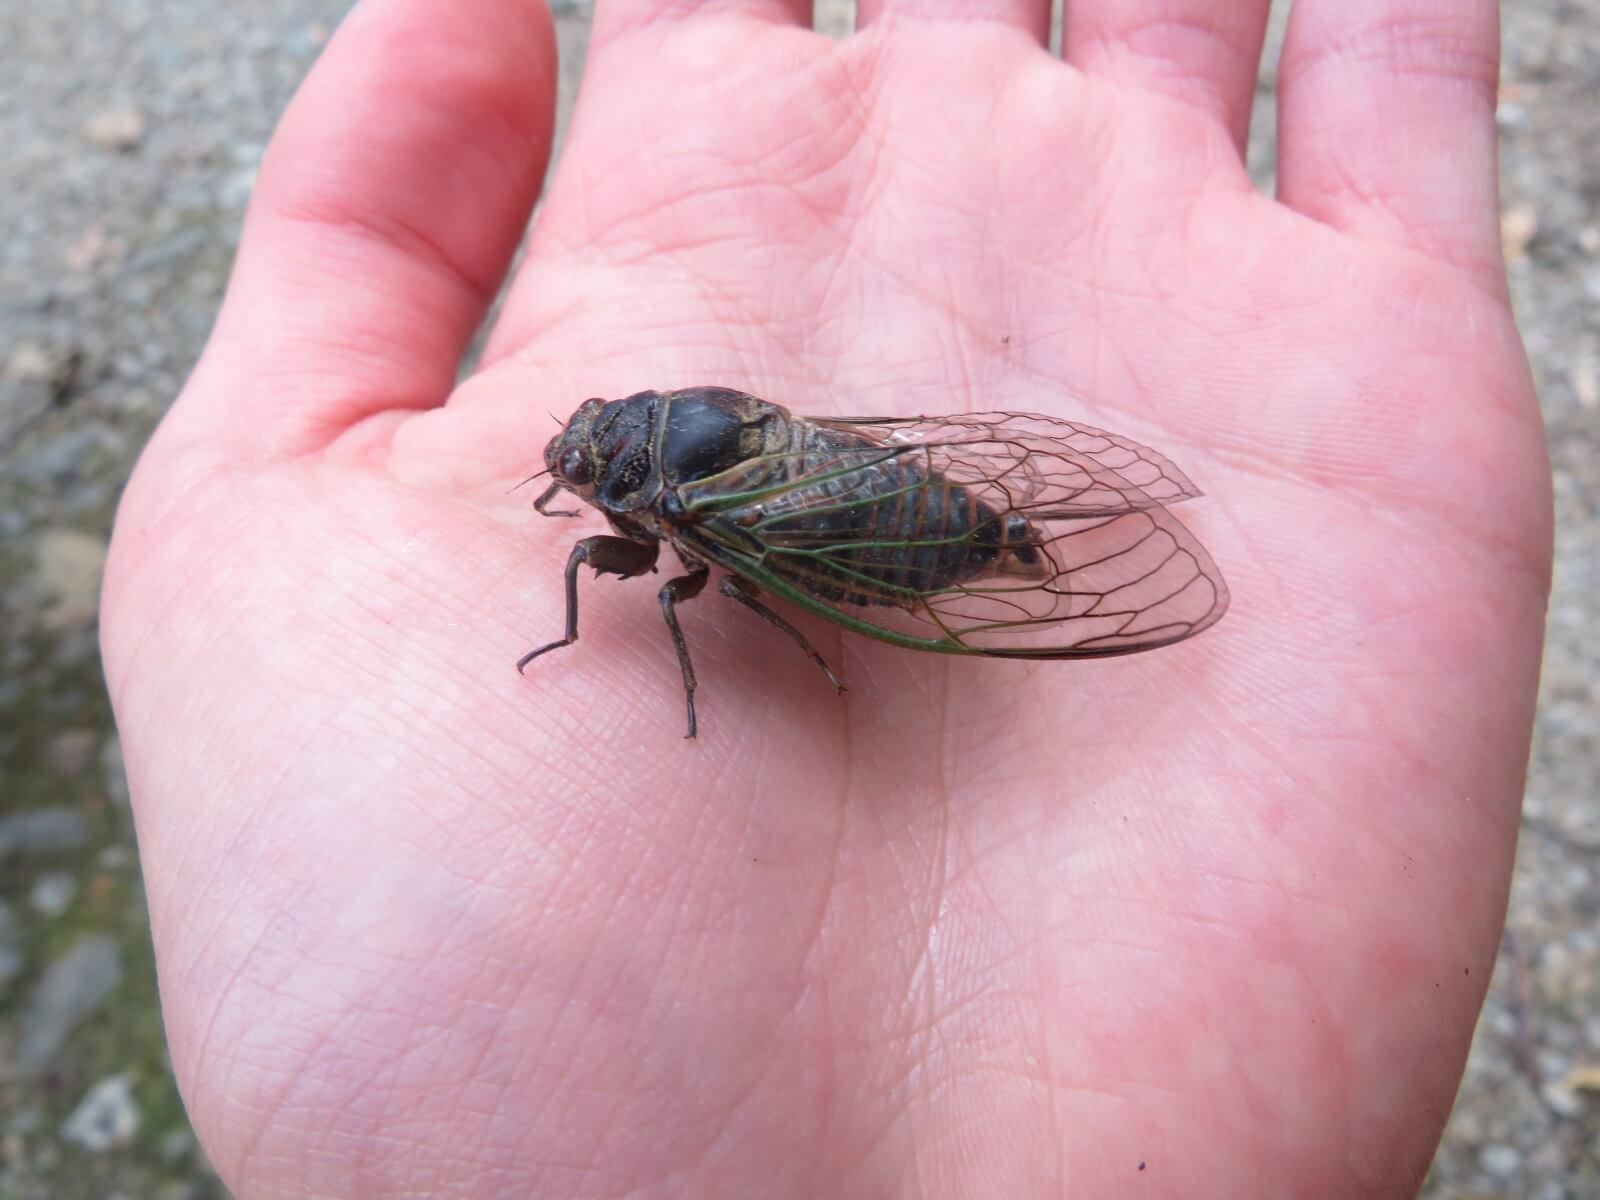 Een cicade op een hand